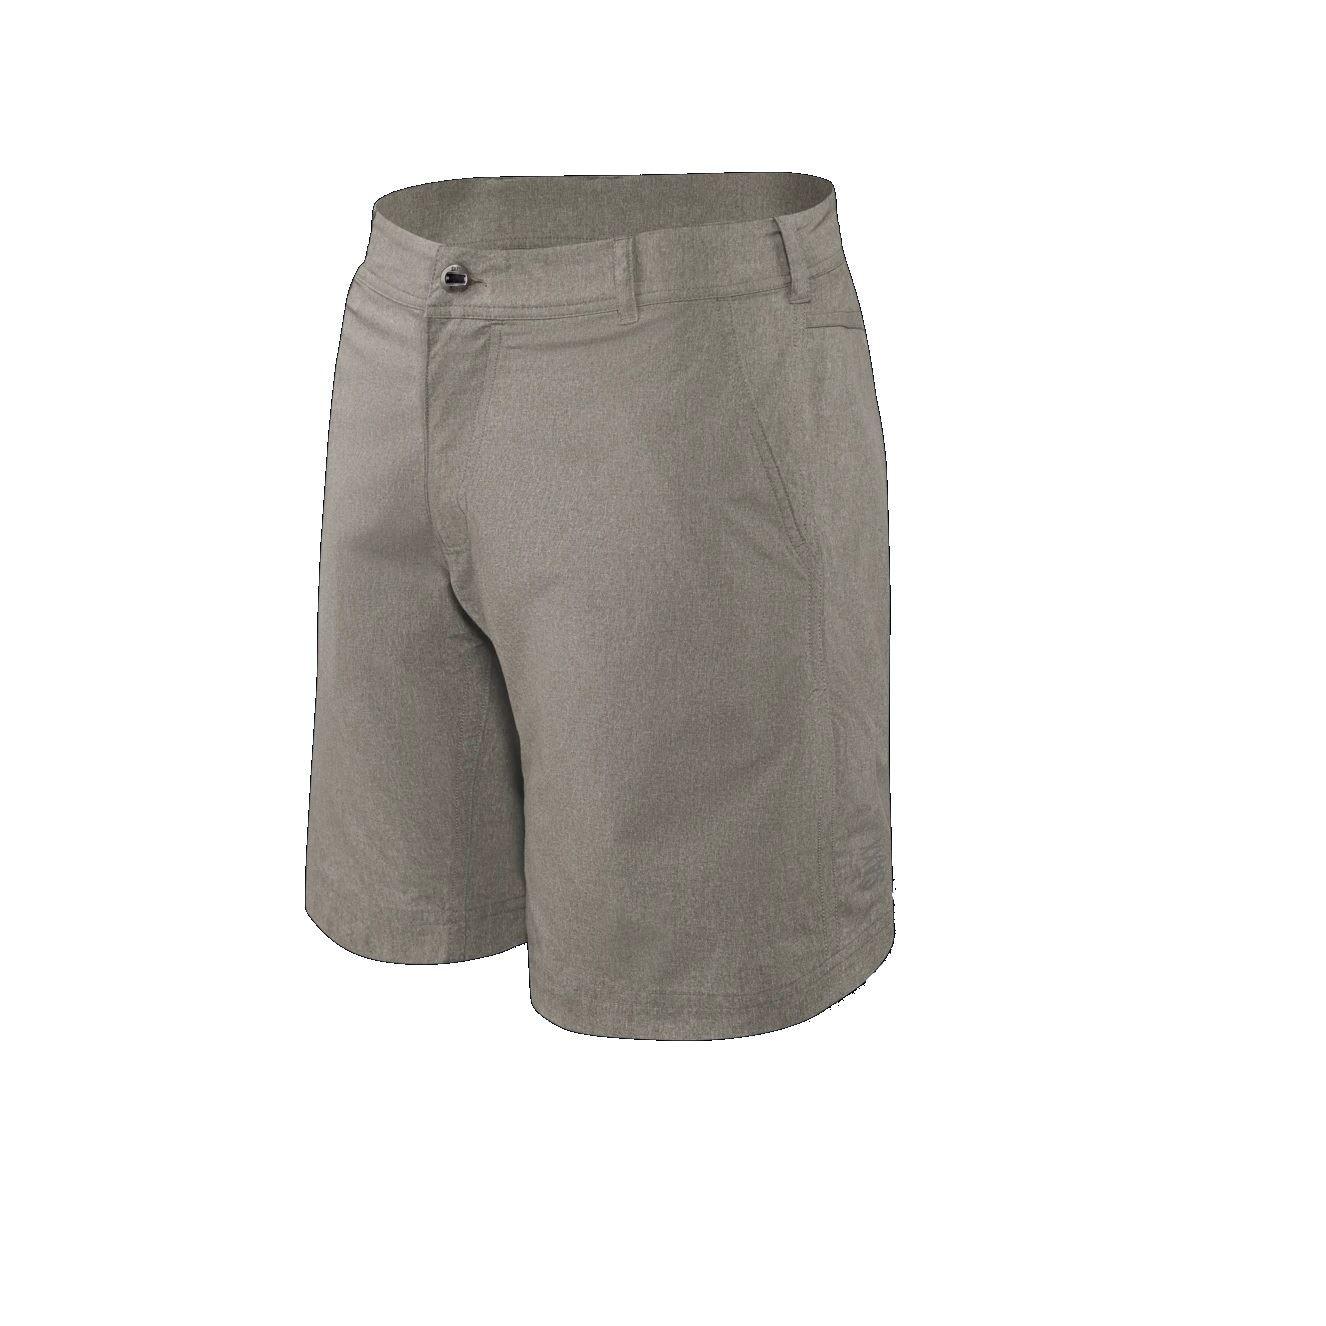 New Frontier 2N1 Short - Men's